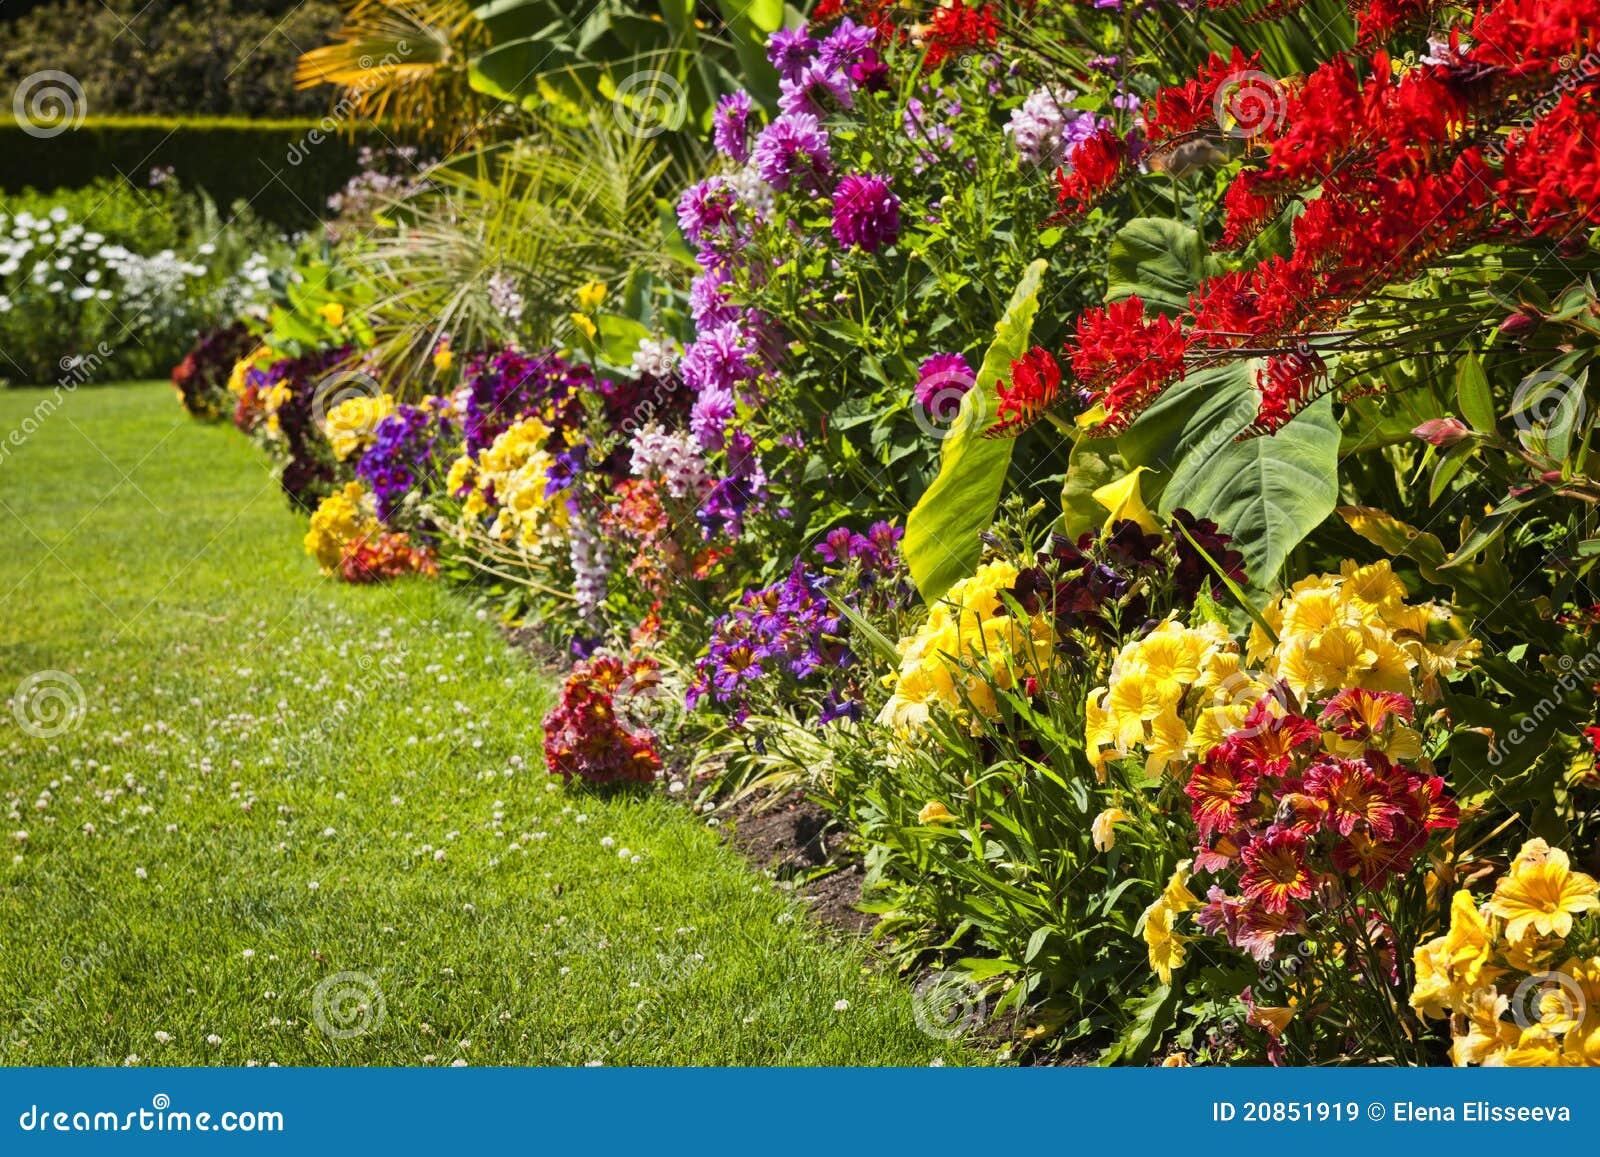 flores coloridas jardim:Jardim de flor colorido brilhante bonito com várias flores.